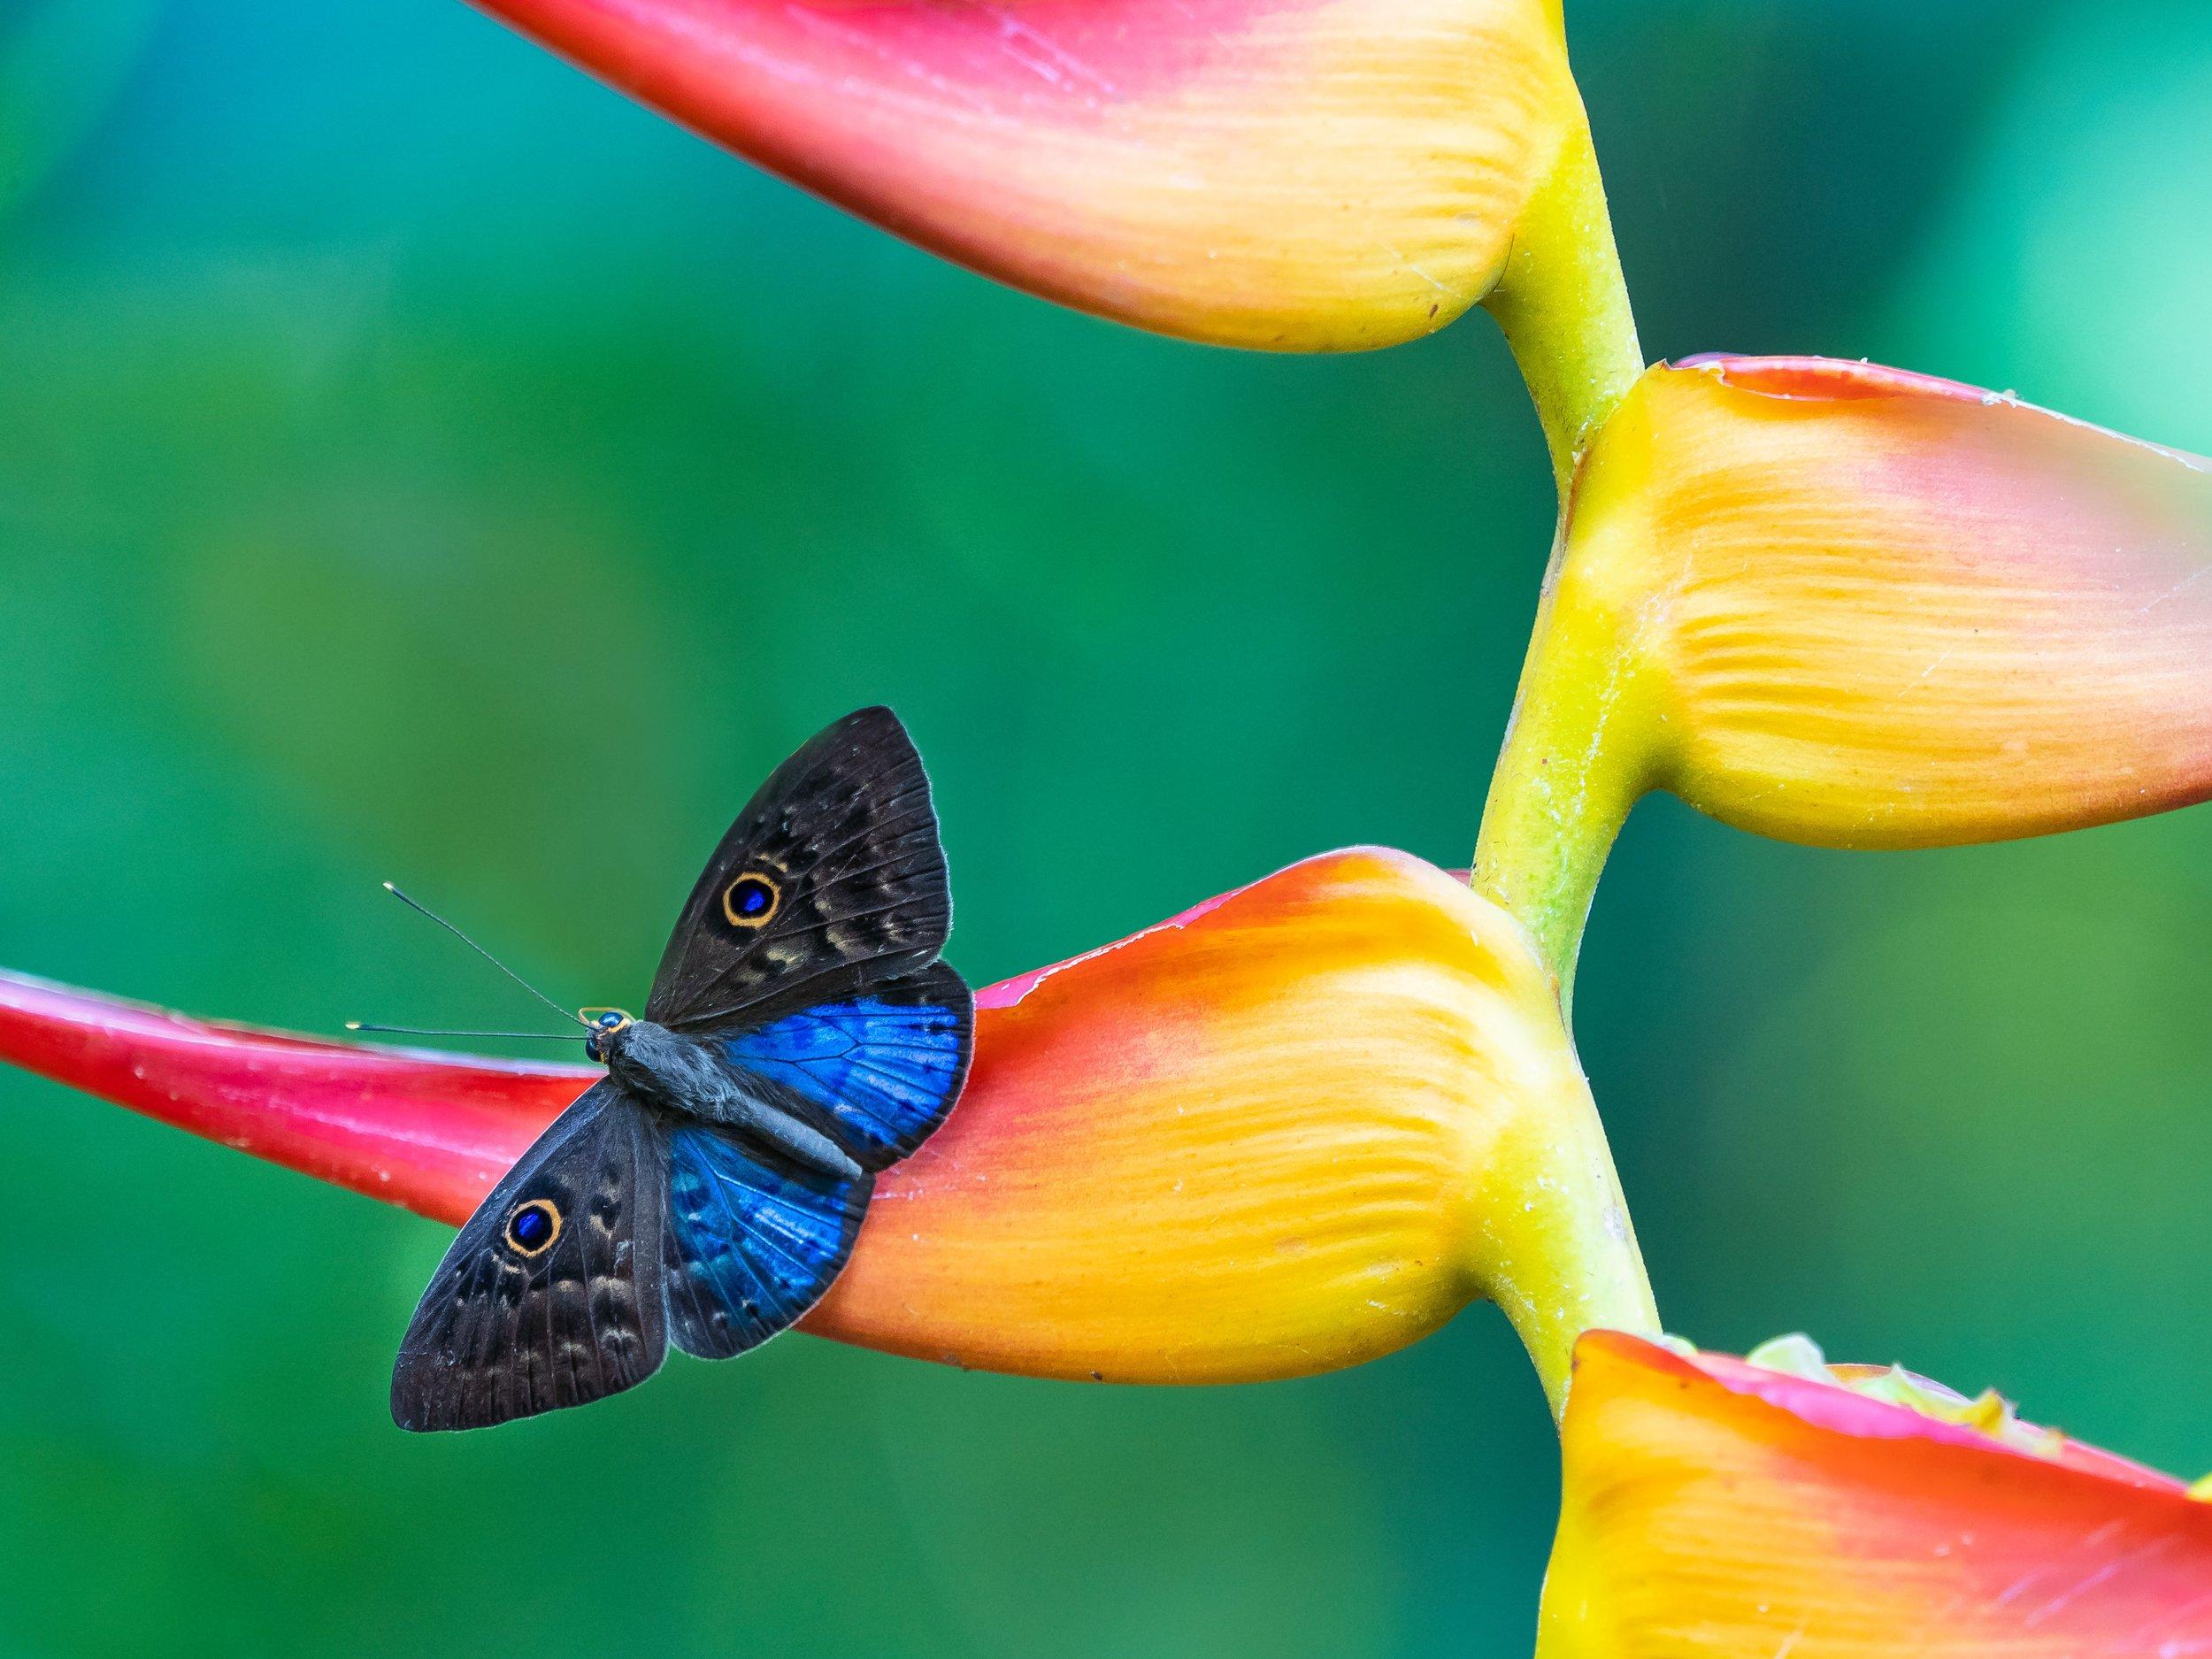 costarica_william-warby-1357841-unsplash.jpg